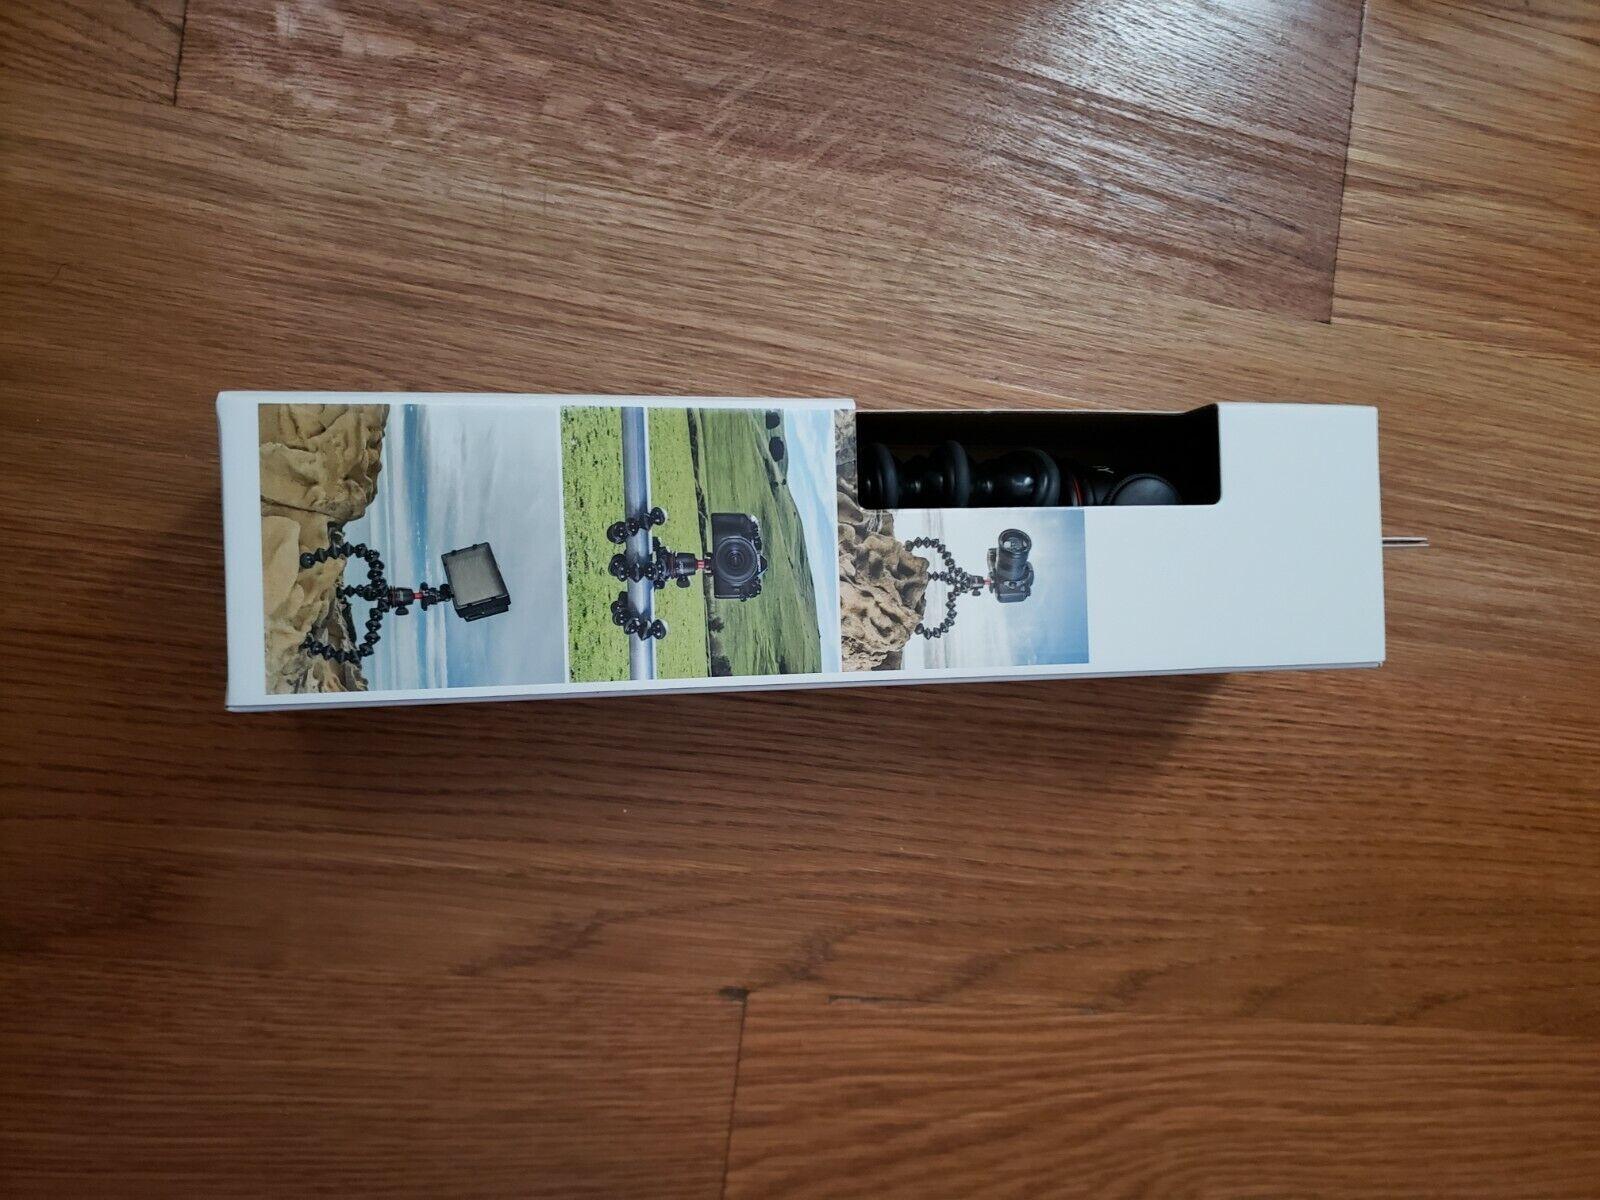 JOBY JB01507 GorillaPod Tripod 3K With Ball Head Attachment BNIB - $39.00